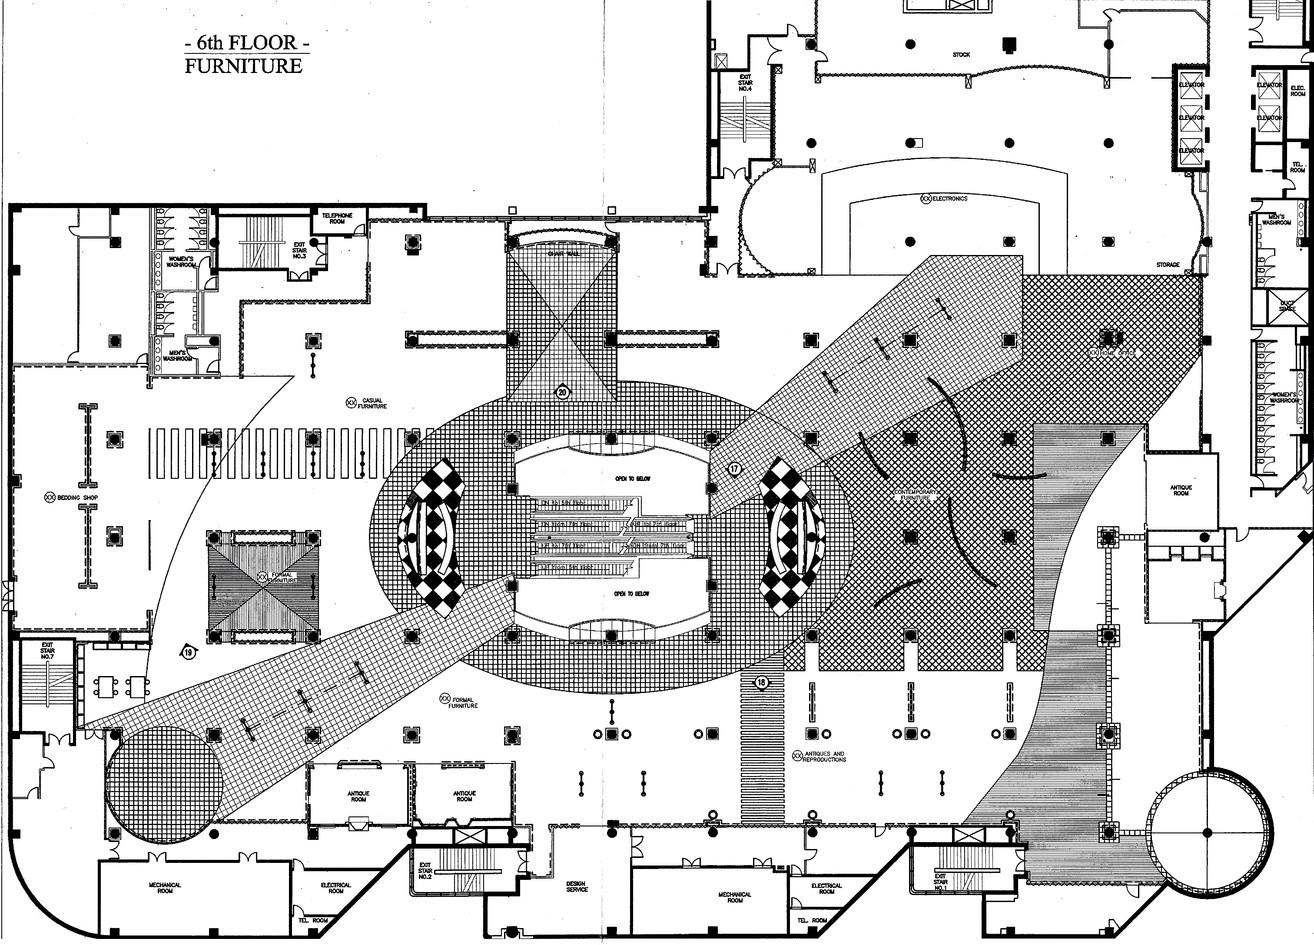 Eatons Floor Plan 2.jpg